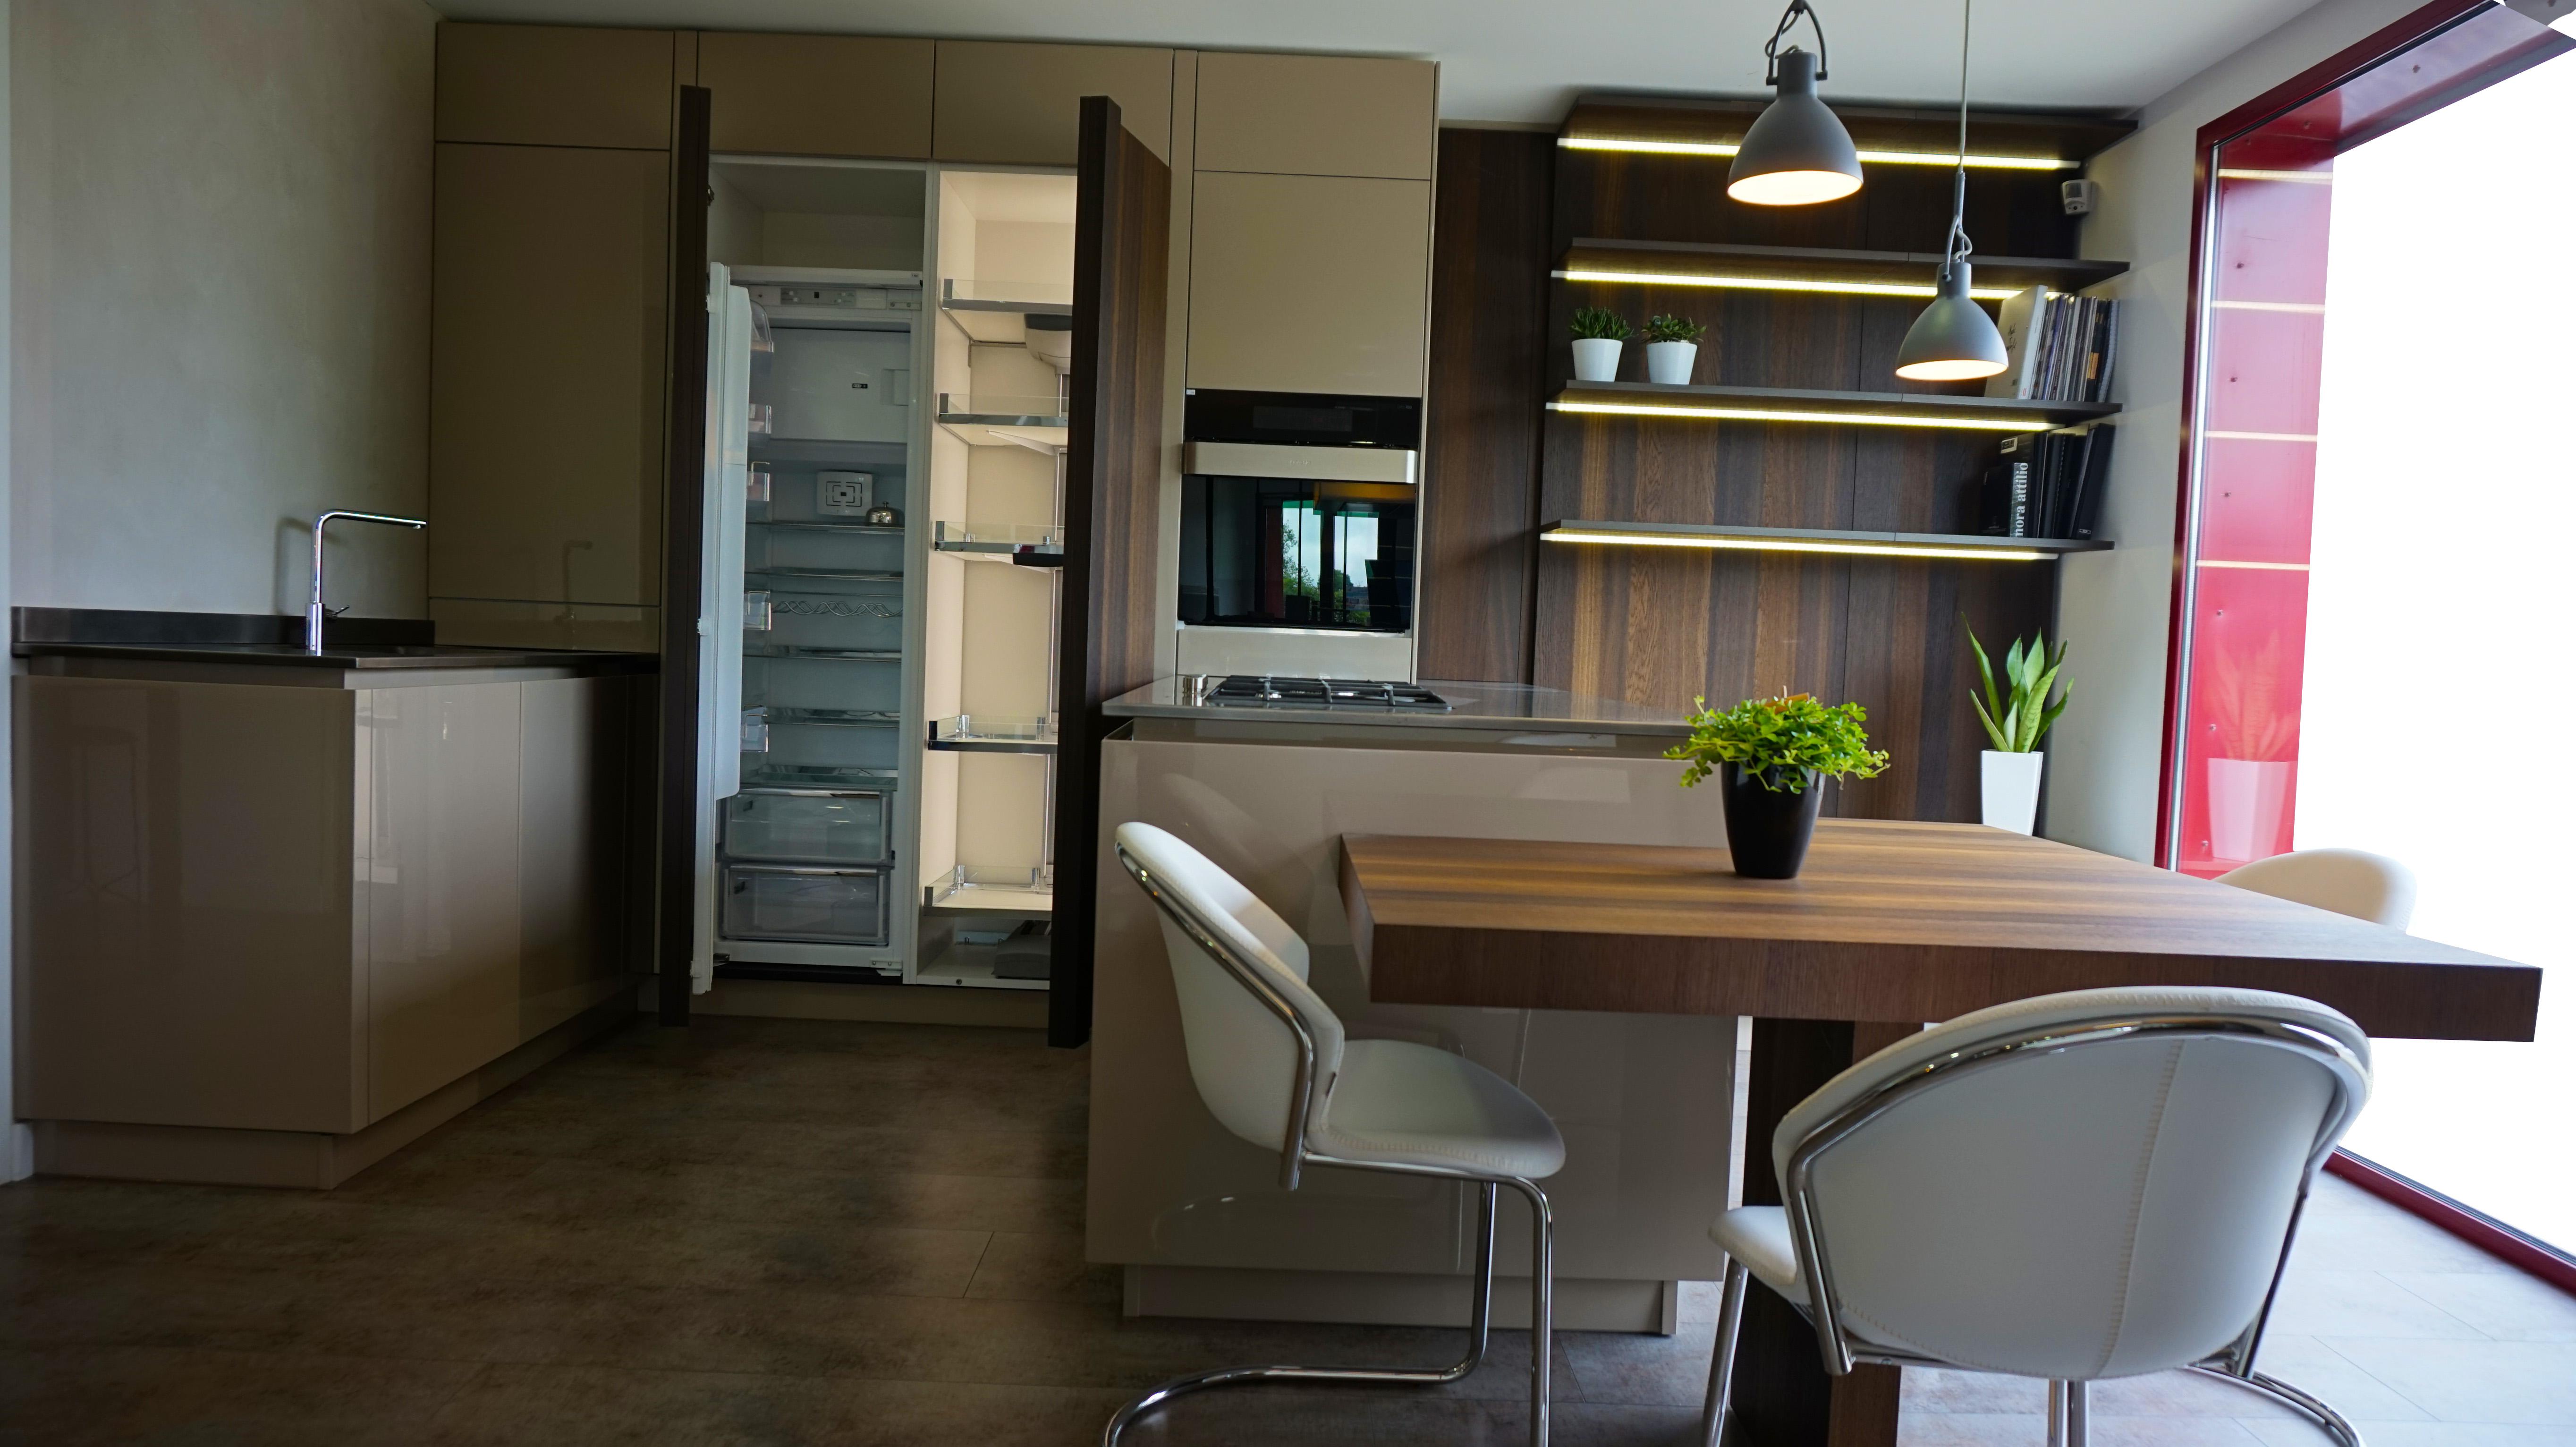 Pied Ilot Central Cuisine ~ Pied Ilot Cuisine Alamode Furniture Com